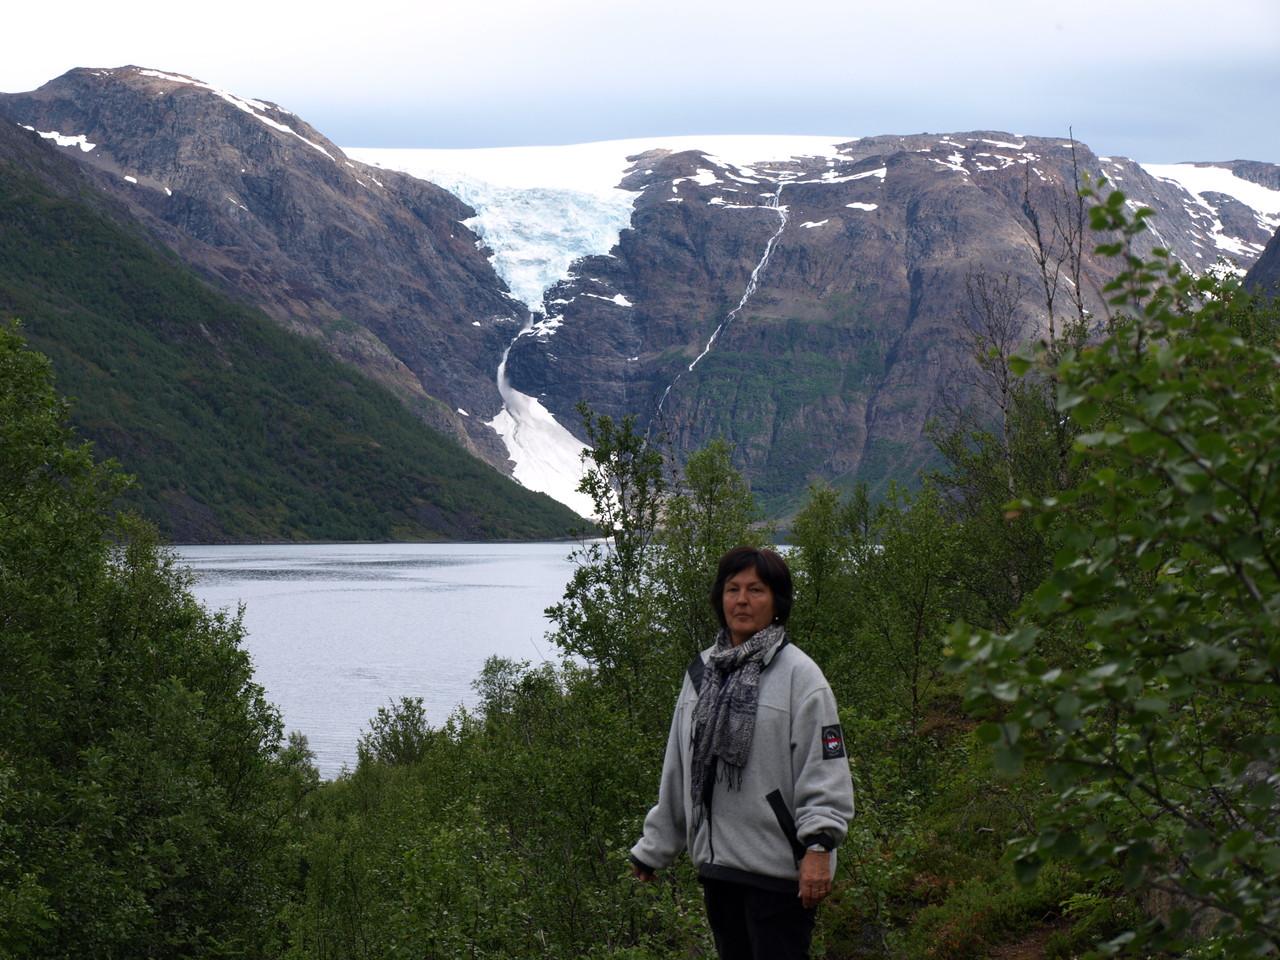 der Gletscher reicht bis ins Meer hinunter